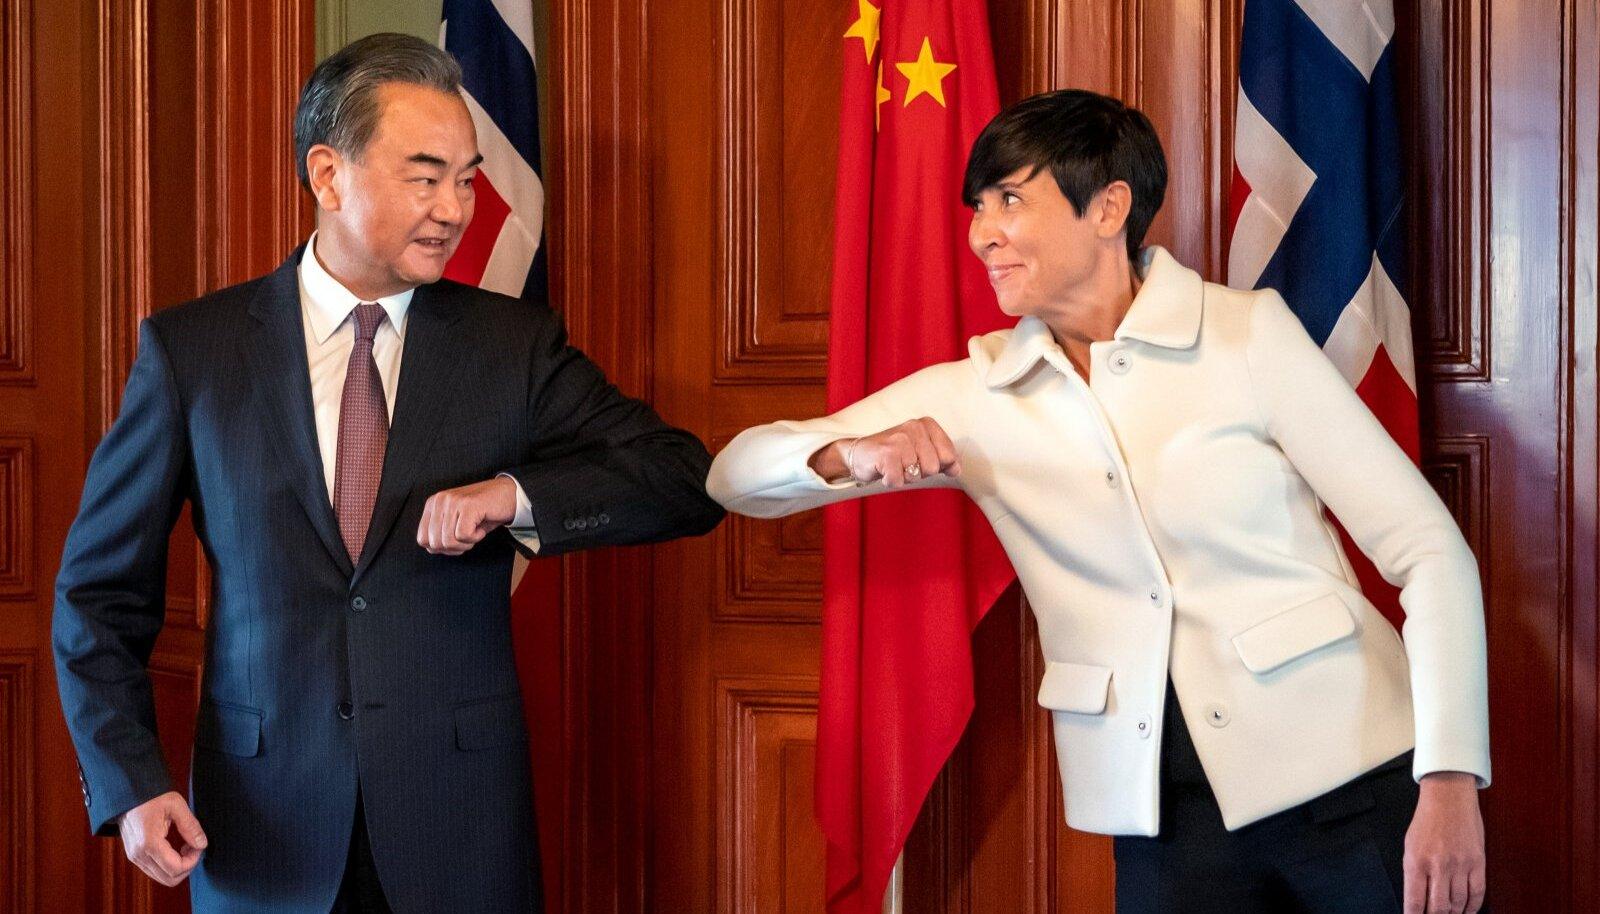 Hiina välisministri Wang Yi ja Norra välisministri Ine Marie Eriksen Søreide küünarnukitervitus möödunud neljapäeval